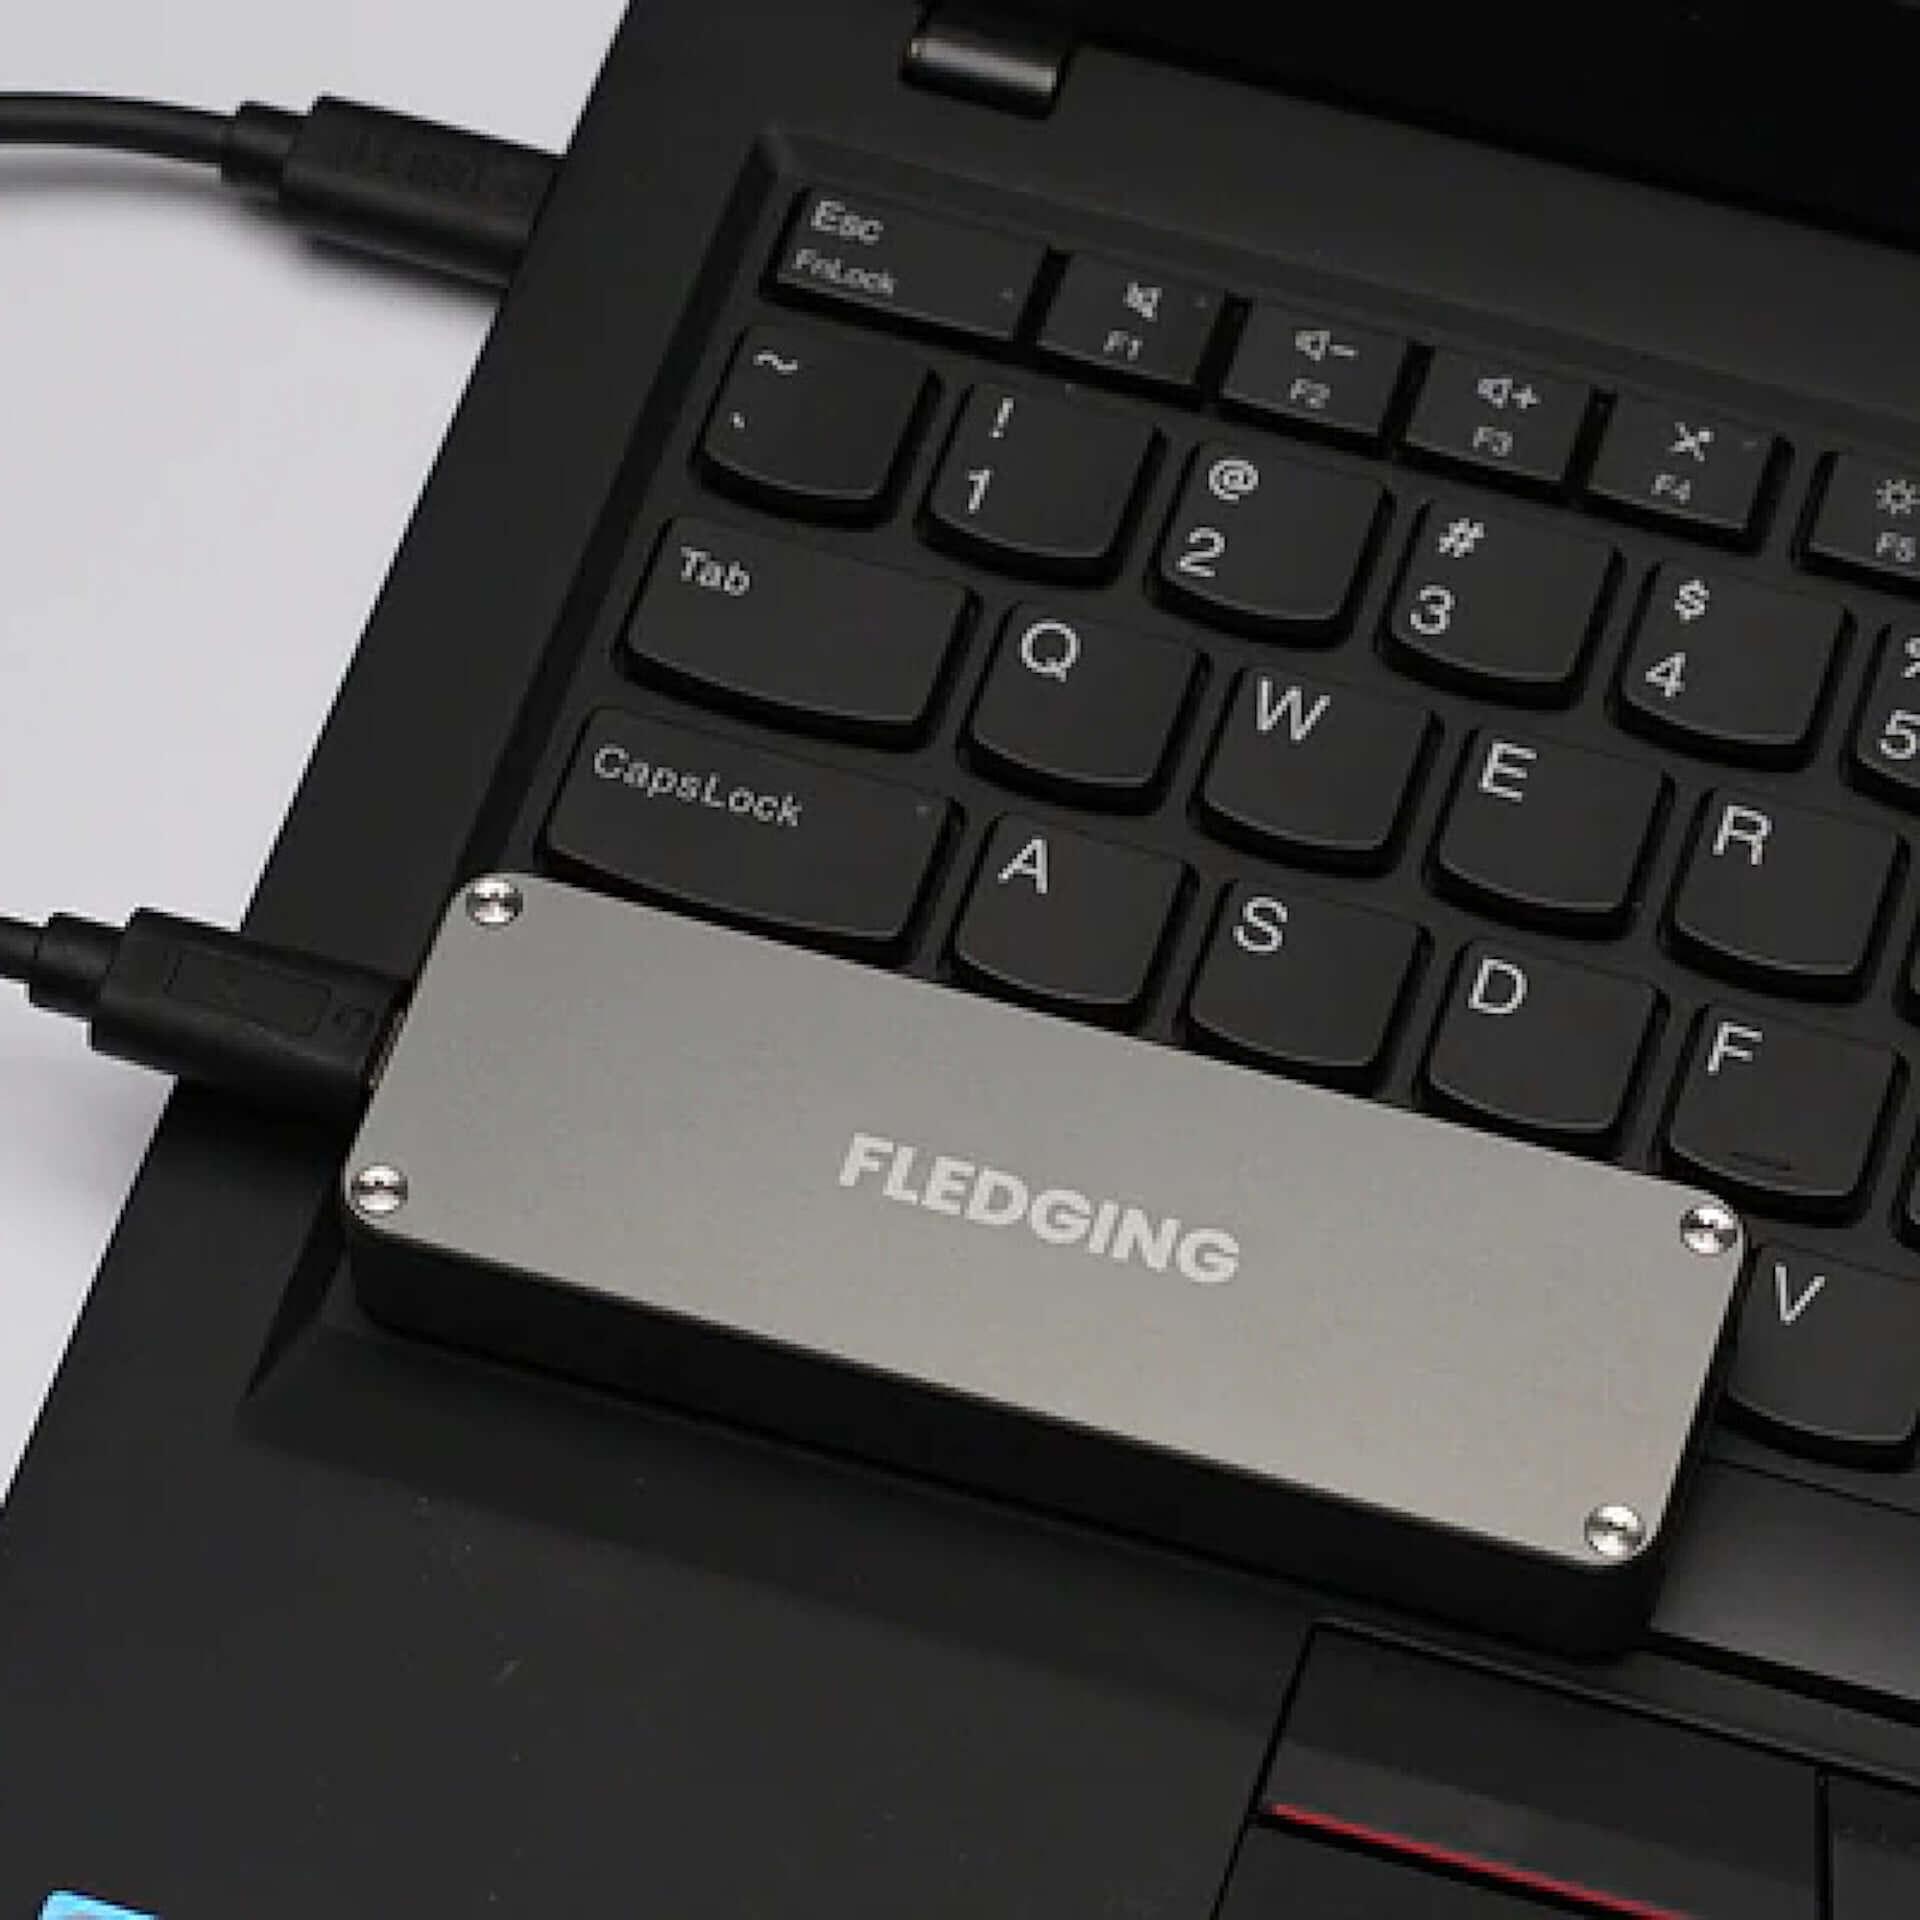 USBポートのあるすべての端末と接続可能!世界最速の外部ストレージデバイス「FLEDGING SHELL」がGLOTUREに登場 tech190910_fledgingshell_3-1920x1920